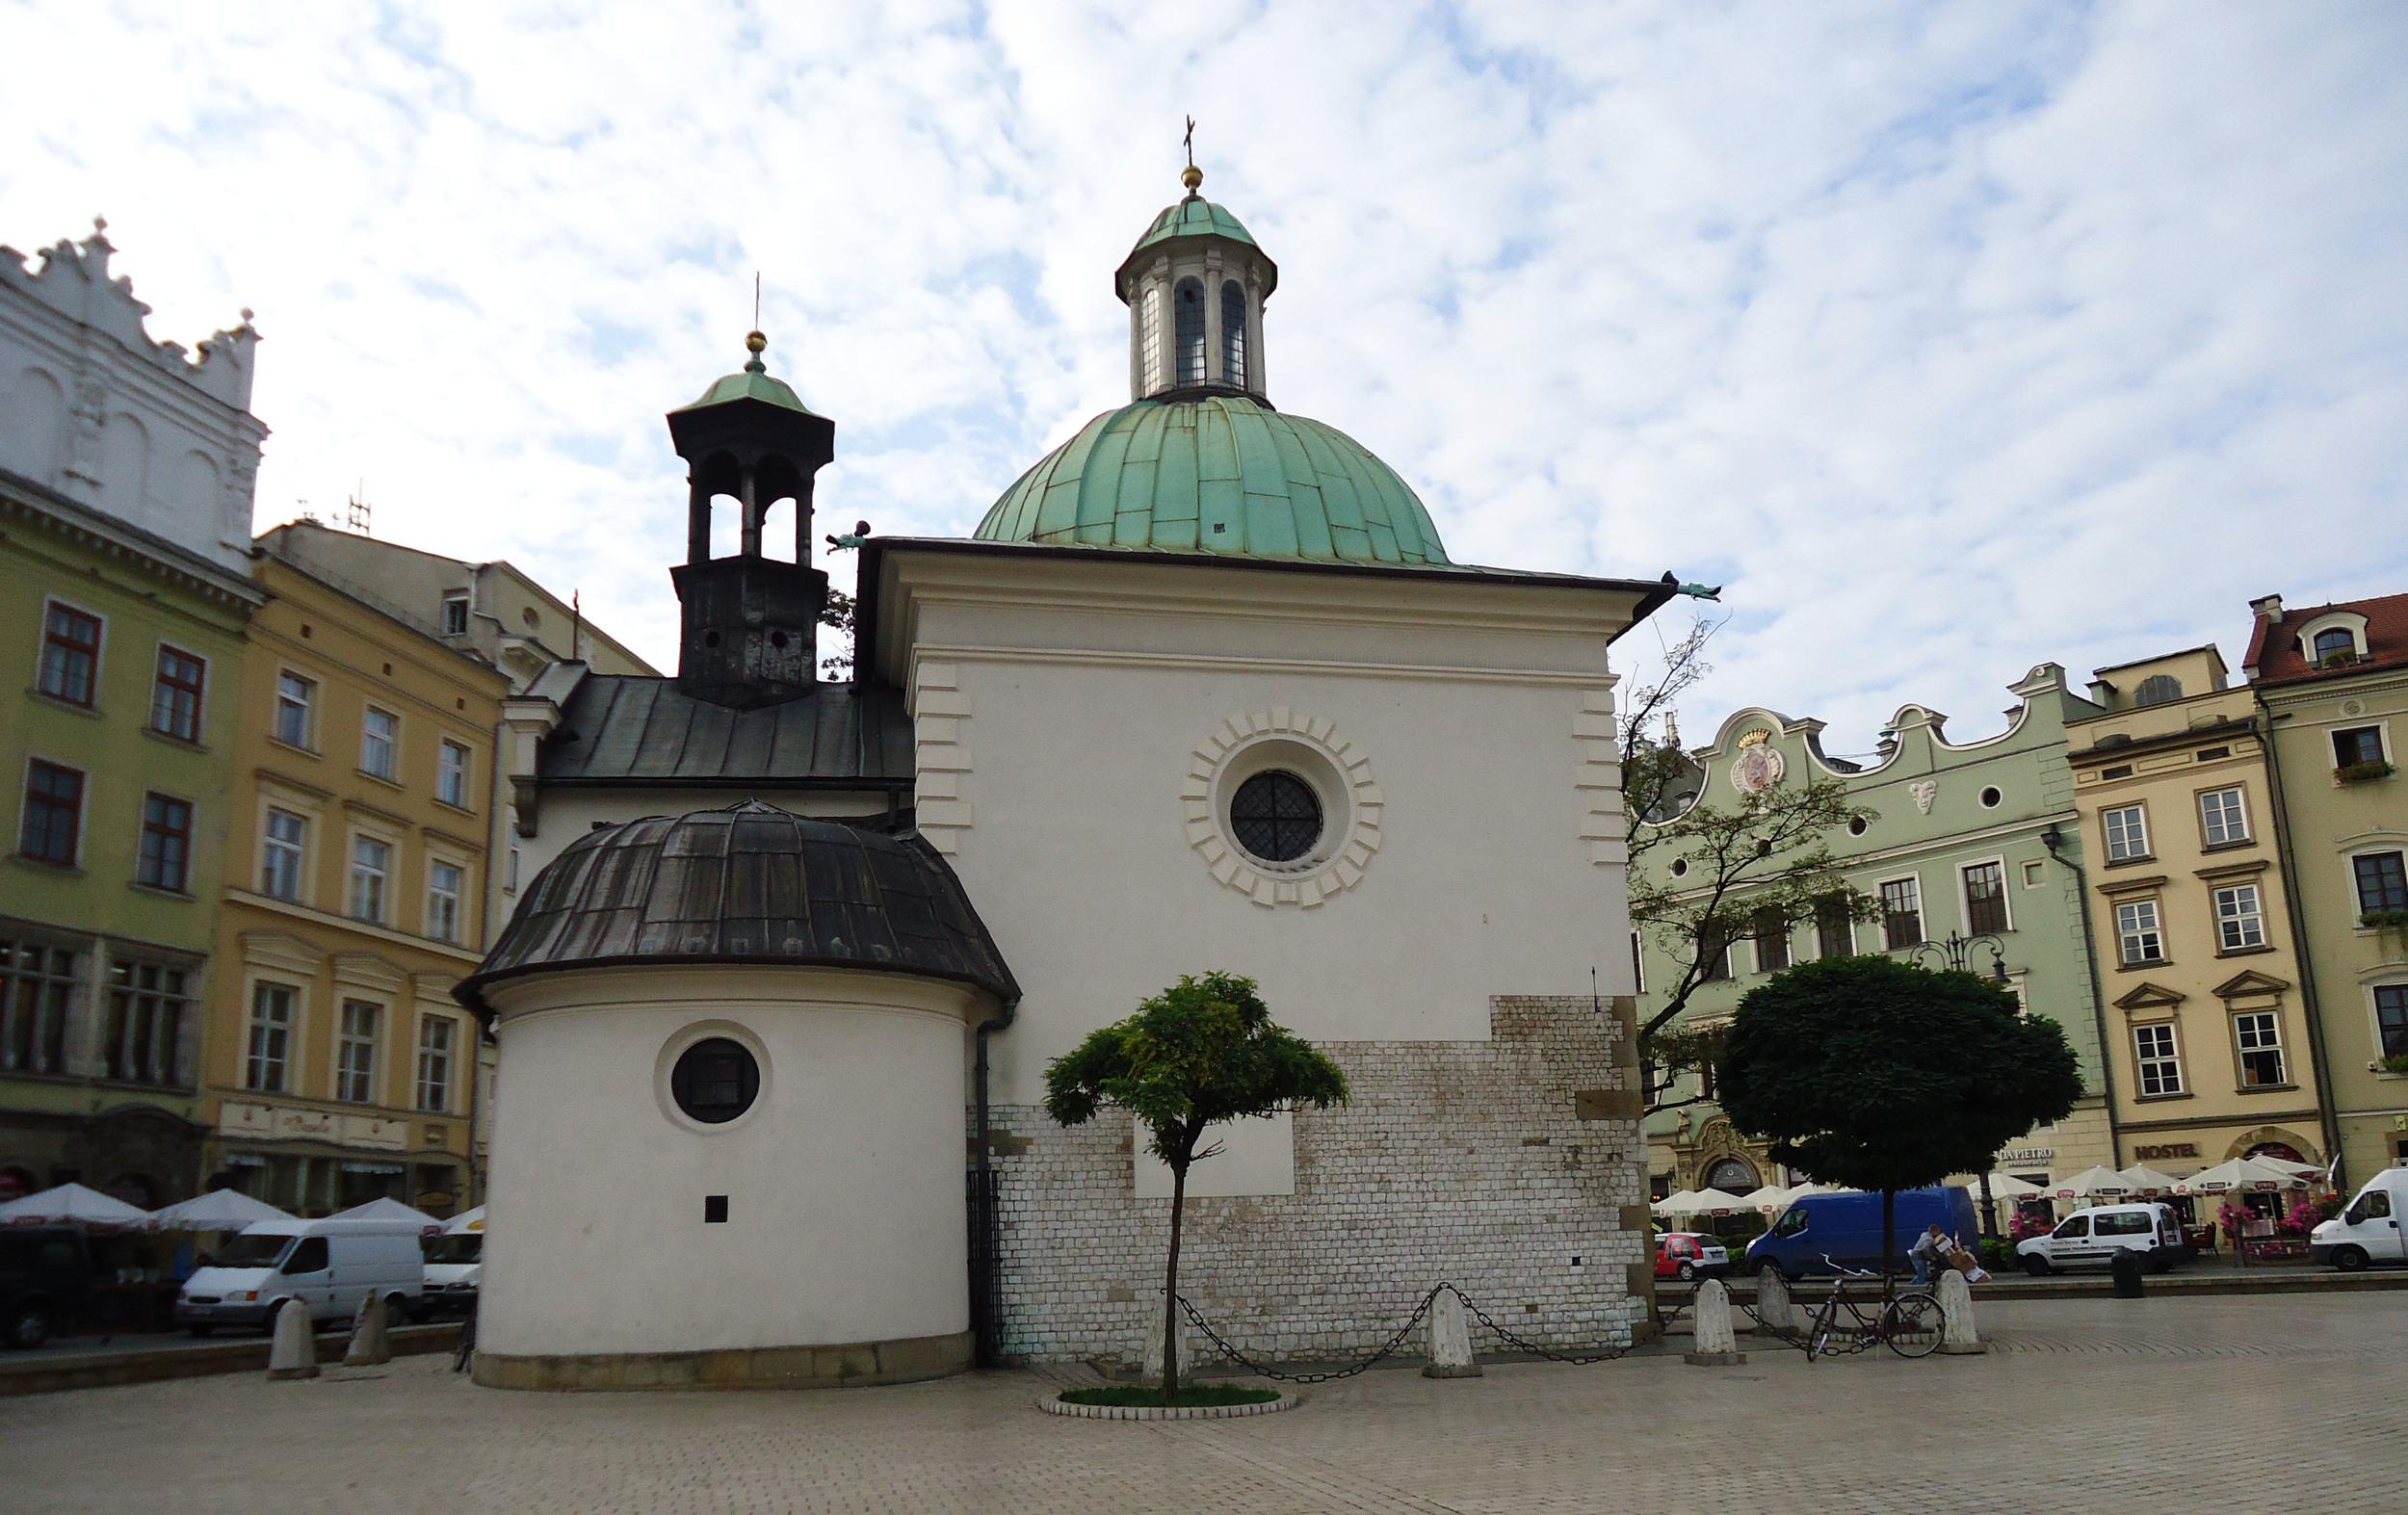 krakow market square 2.jpg